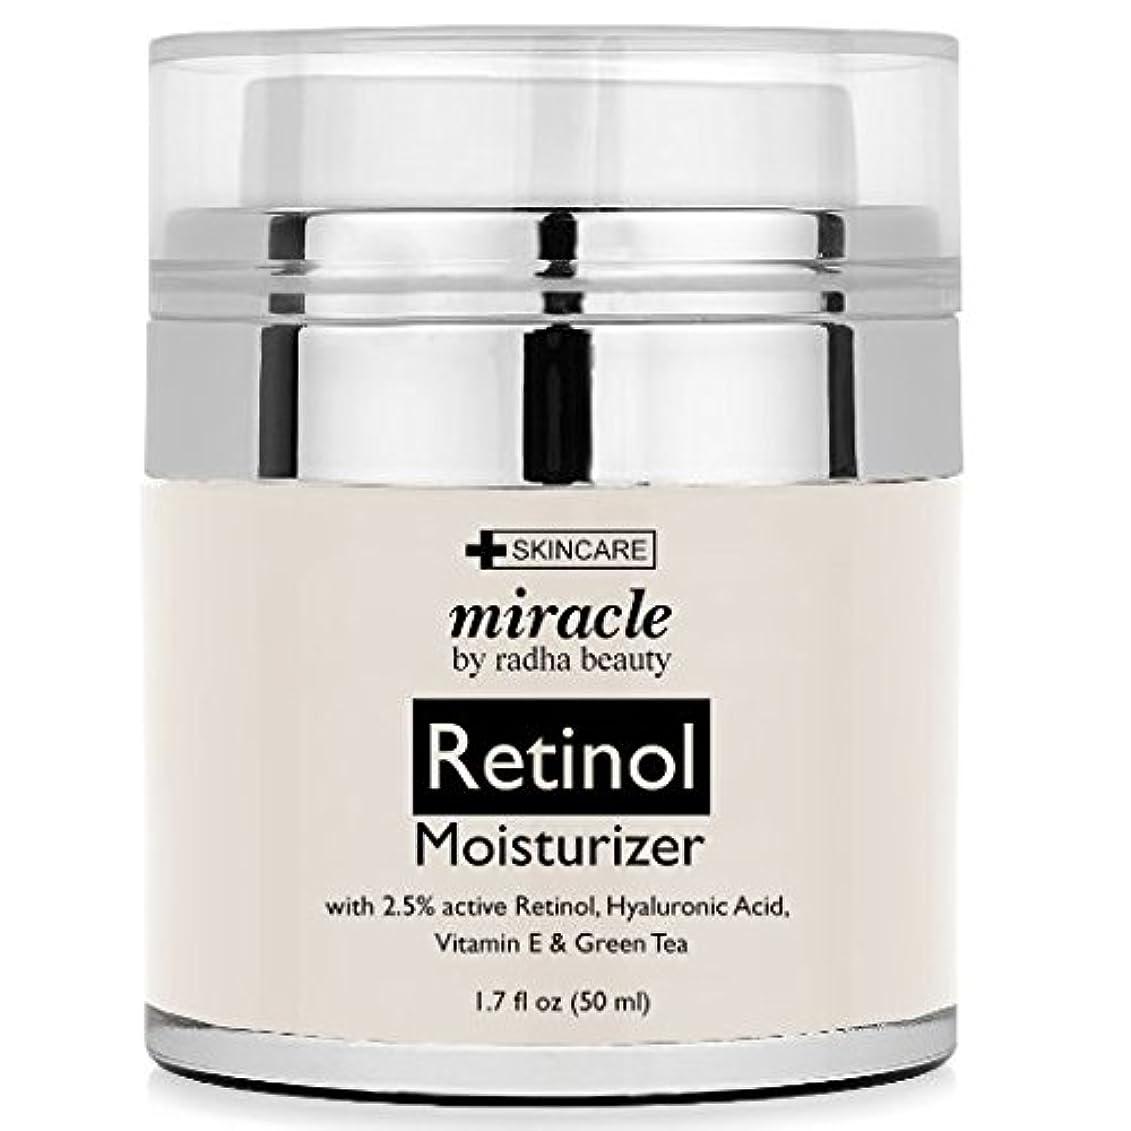 廊下借りる挨拶レチノール 保湿クリーム Retinol Moisturizer Cream for Face - With Retinol, Hyaluronic Acid, Tea Tree Oil and Jojoba Oil、 ...